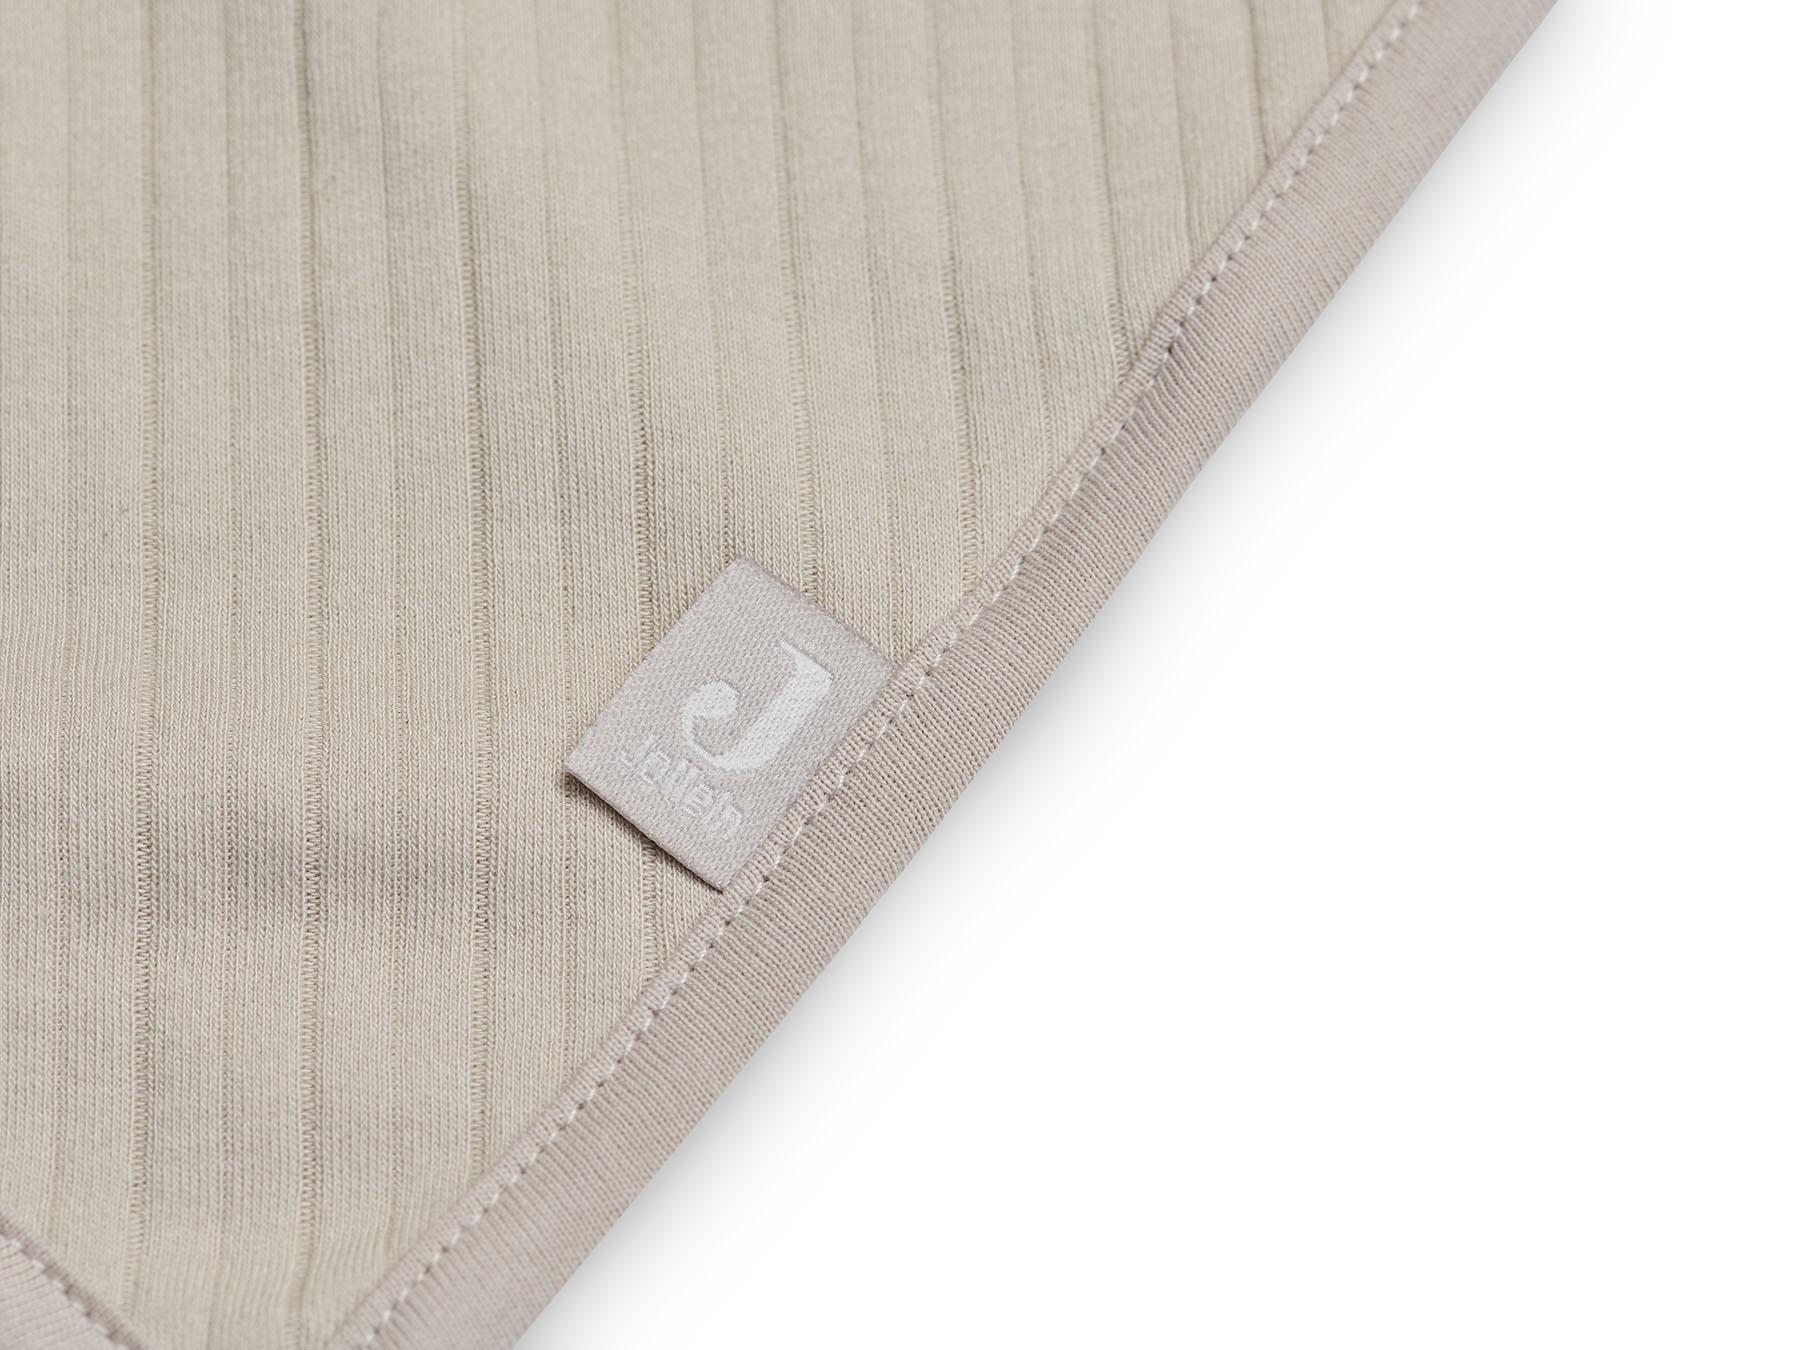 Afbeelding Jollein Slab Bandana Basic Stripe I Nougat (2pack)